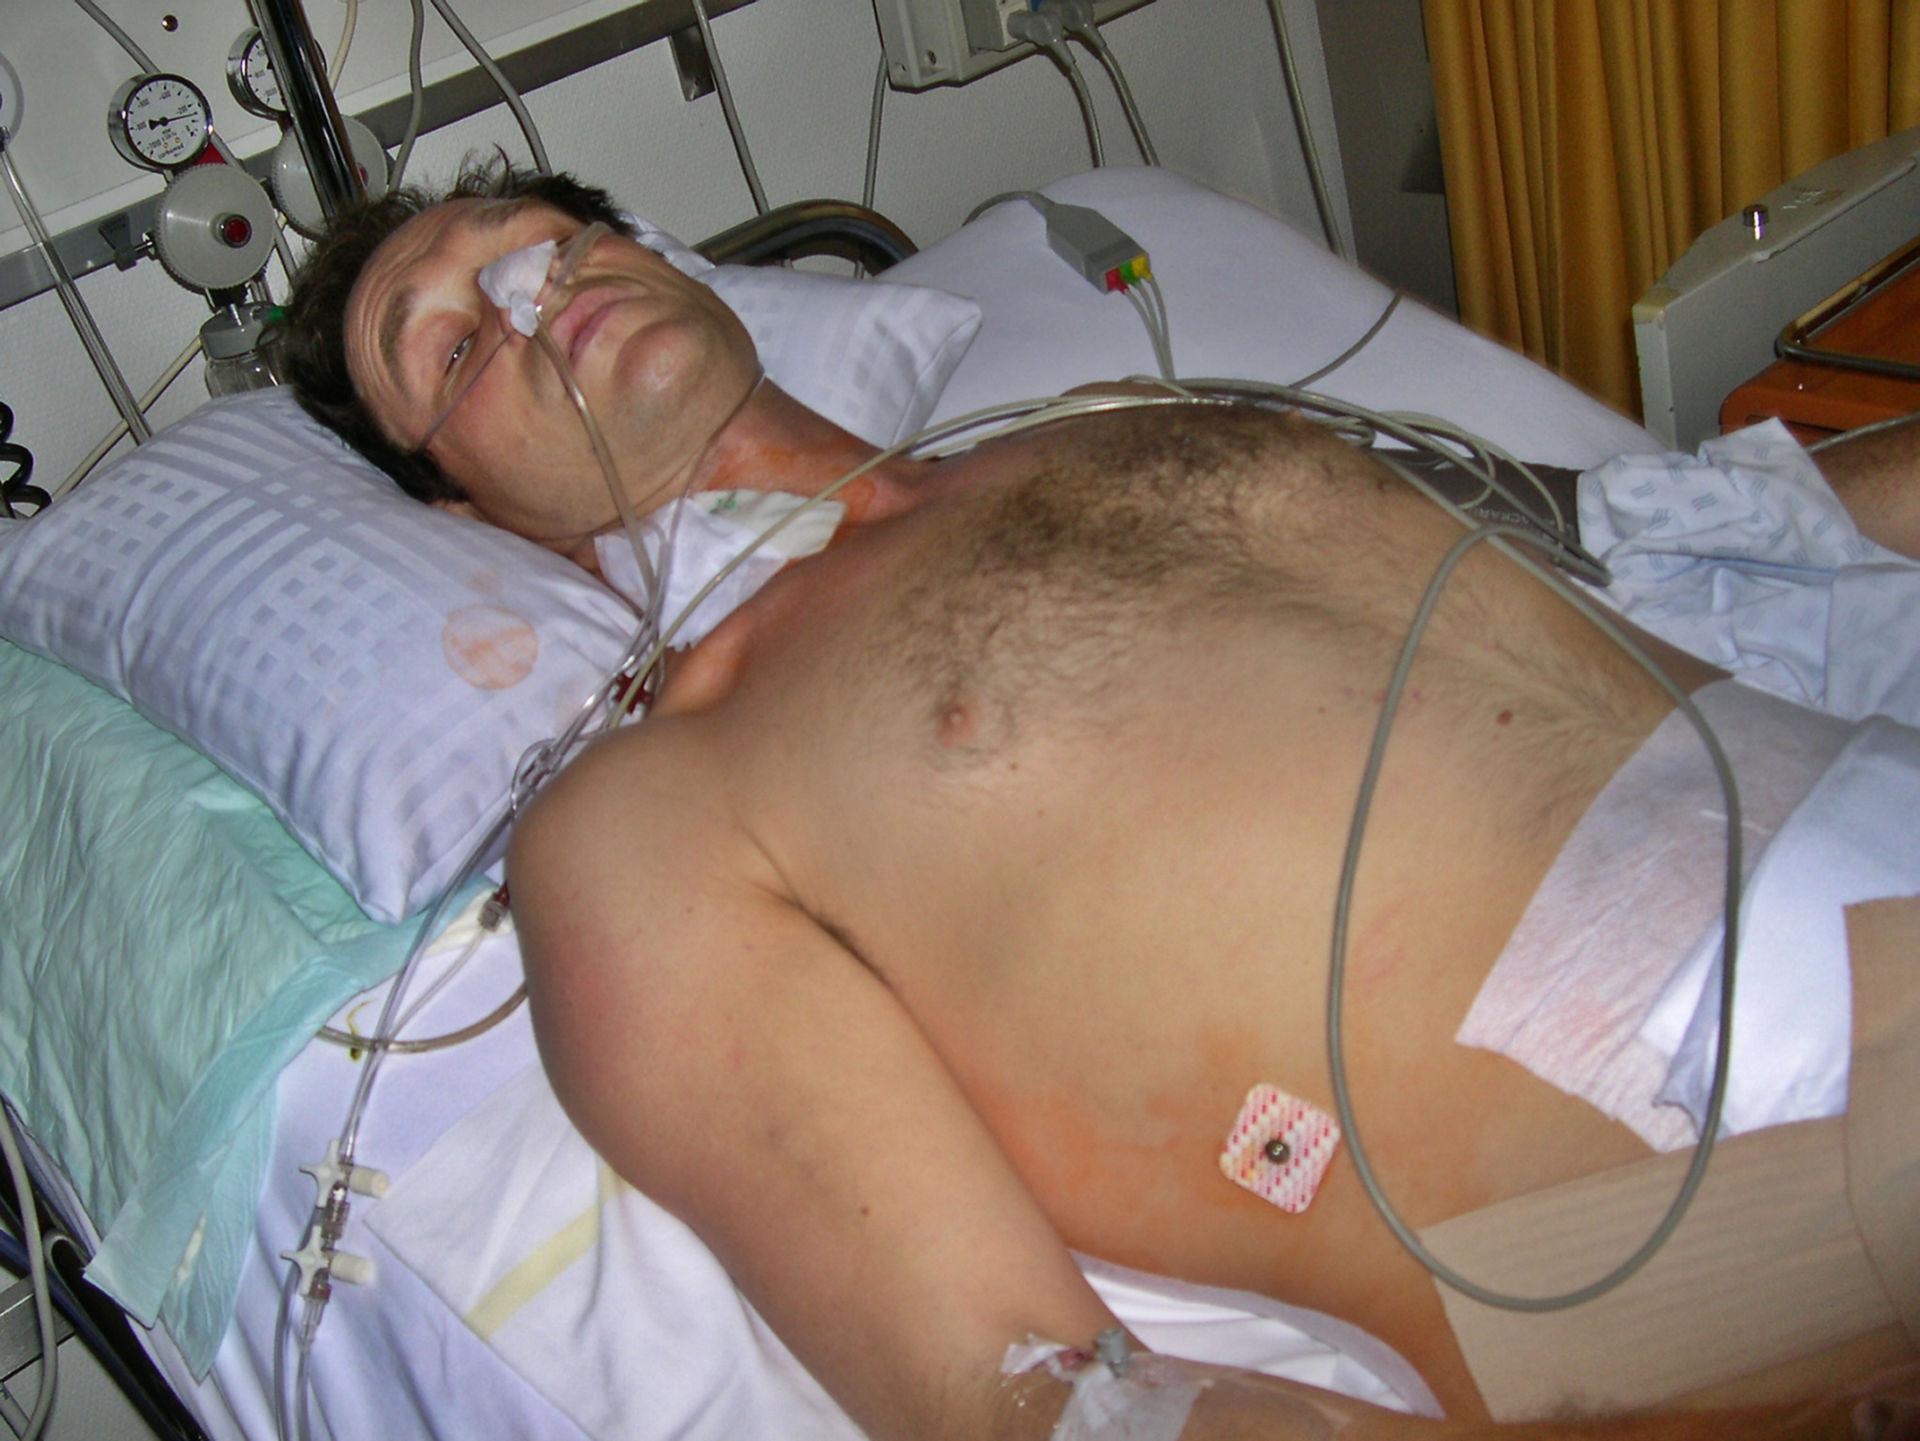 Prima foto in ospedale del fotografo